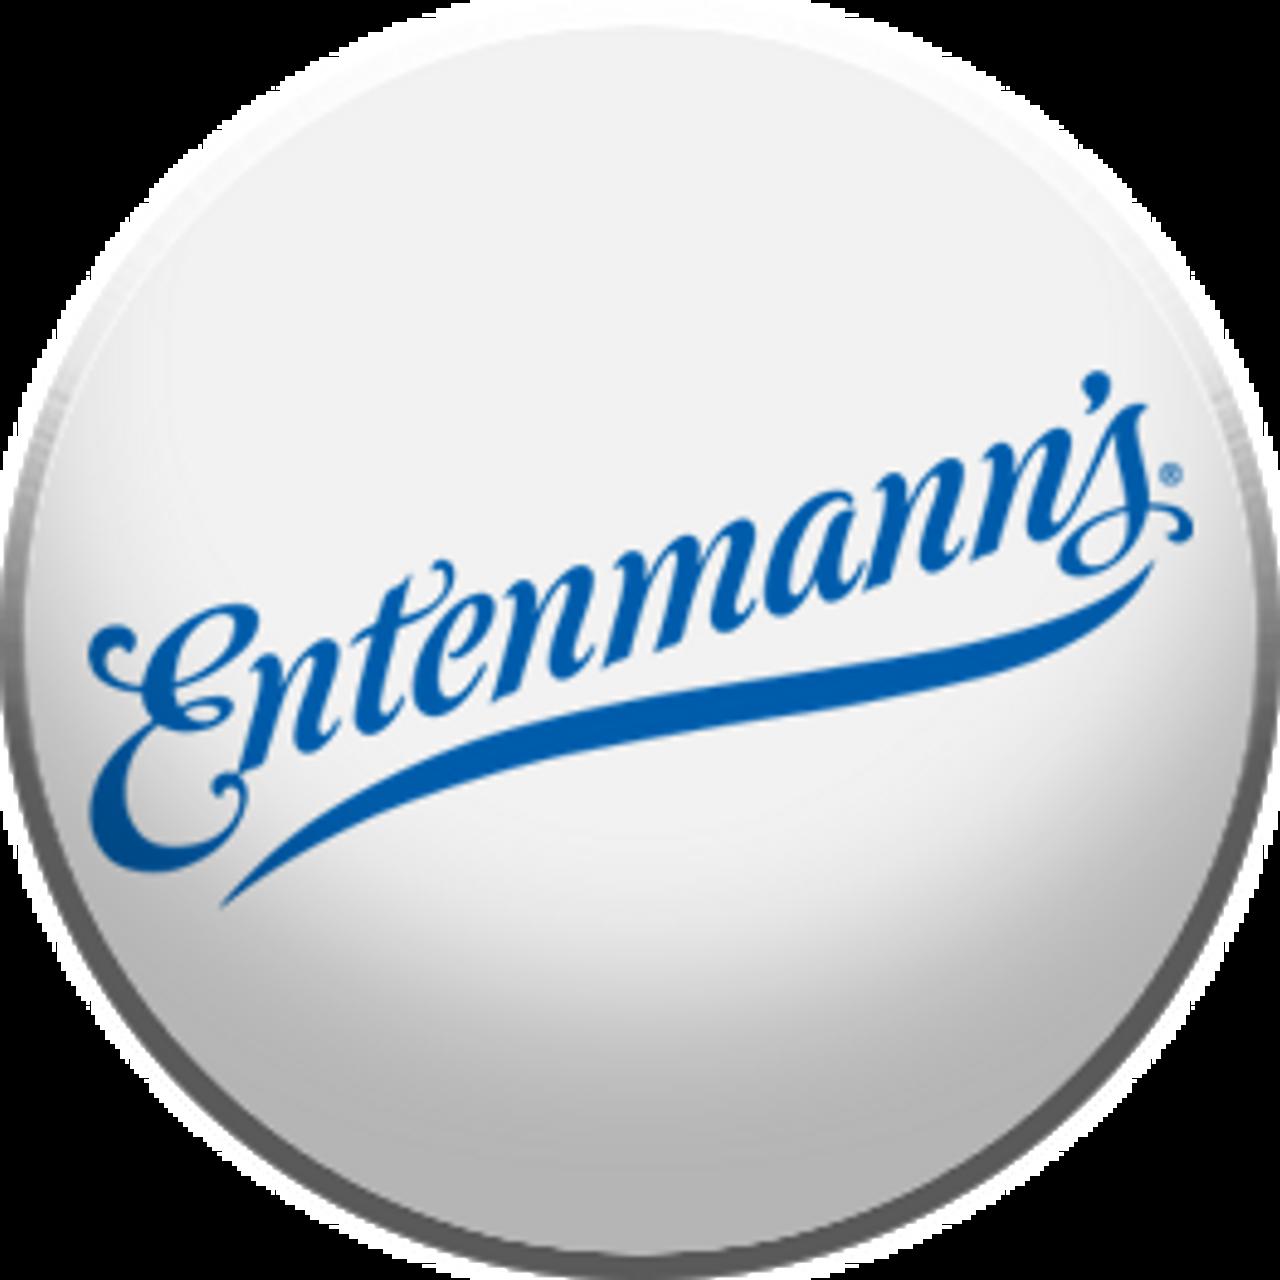 Entenmann's